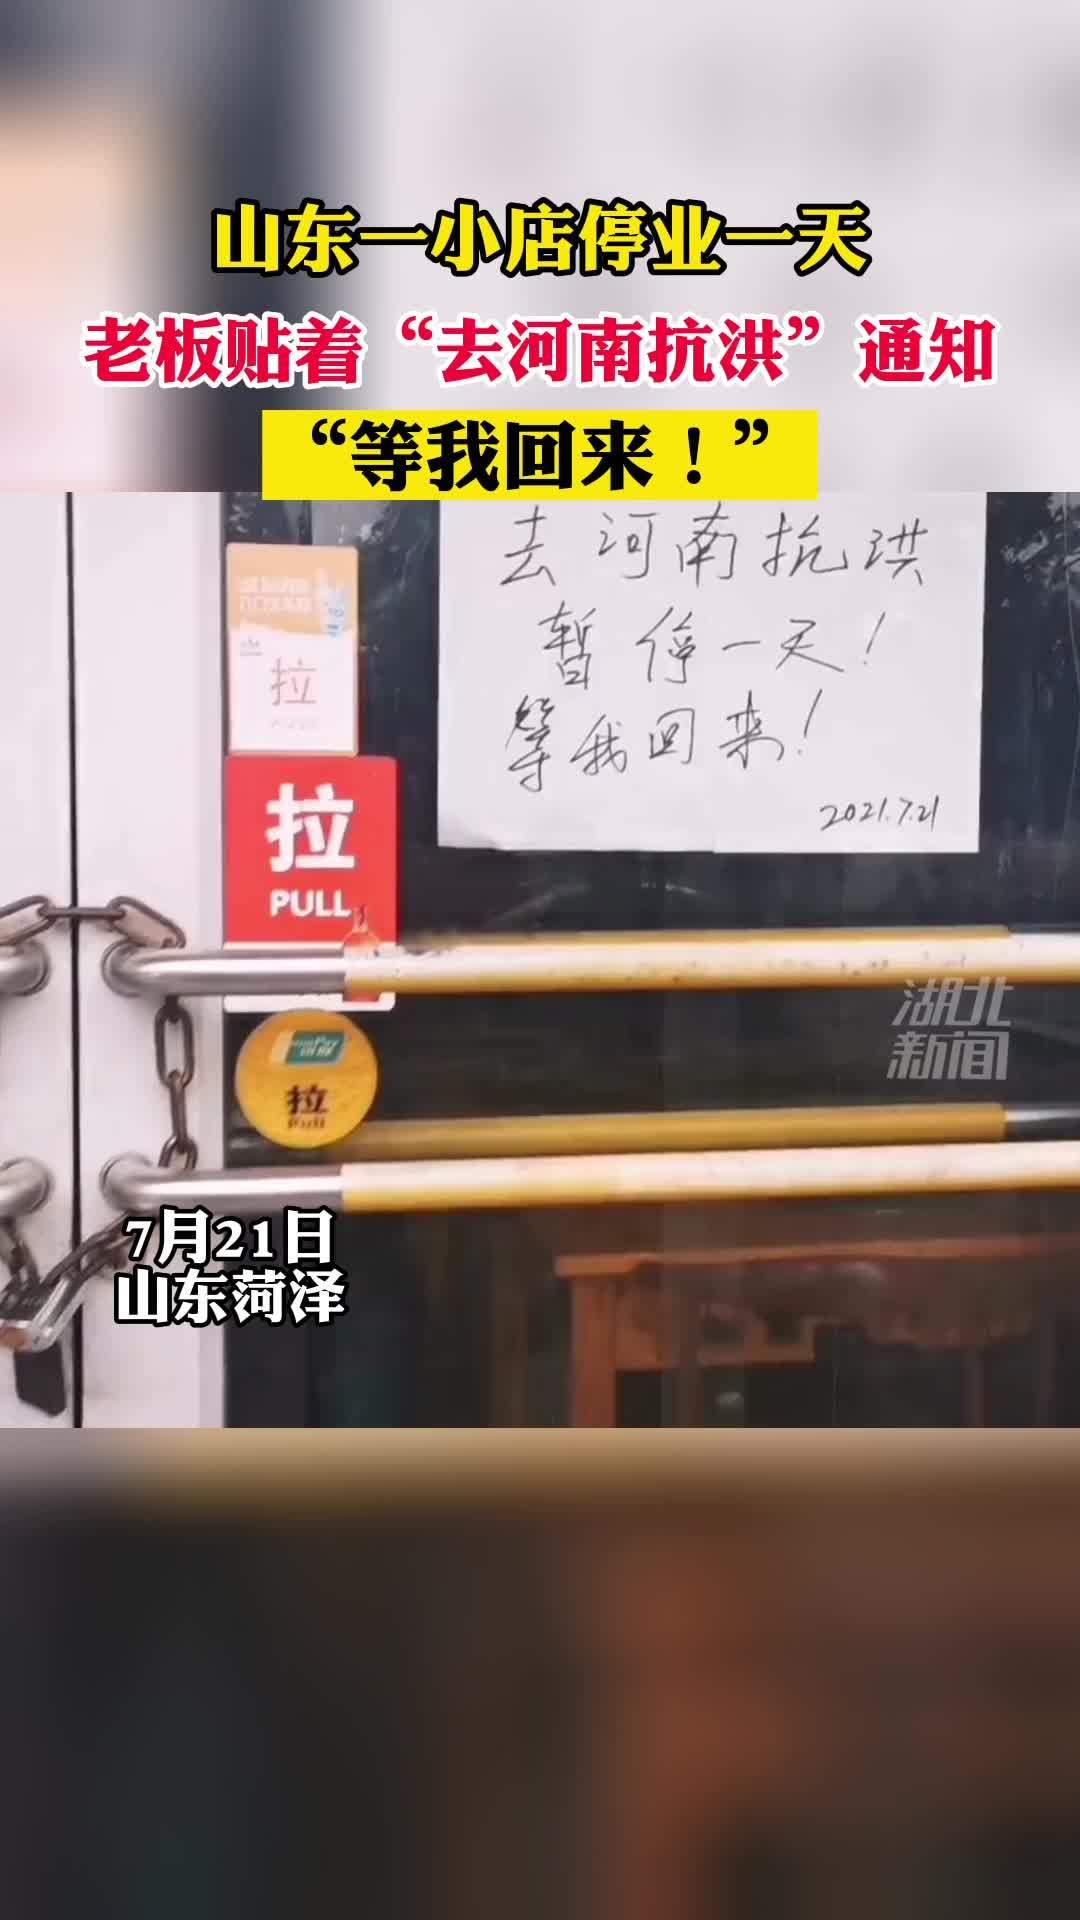 《【星图代理平台】山东饭店老板停业去河南抗洪 称想为灾民送去泡面和水》